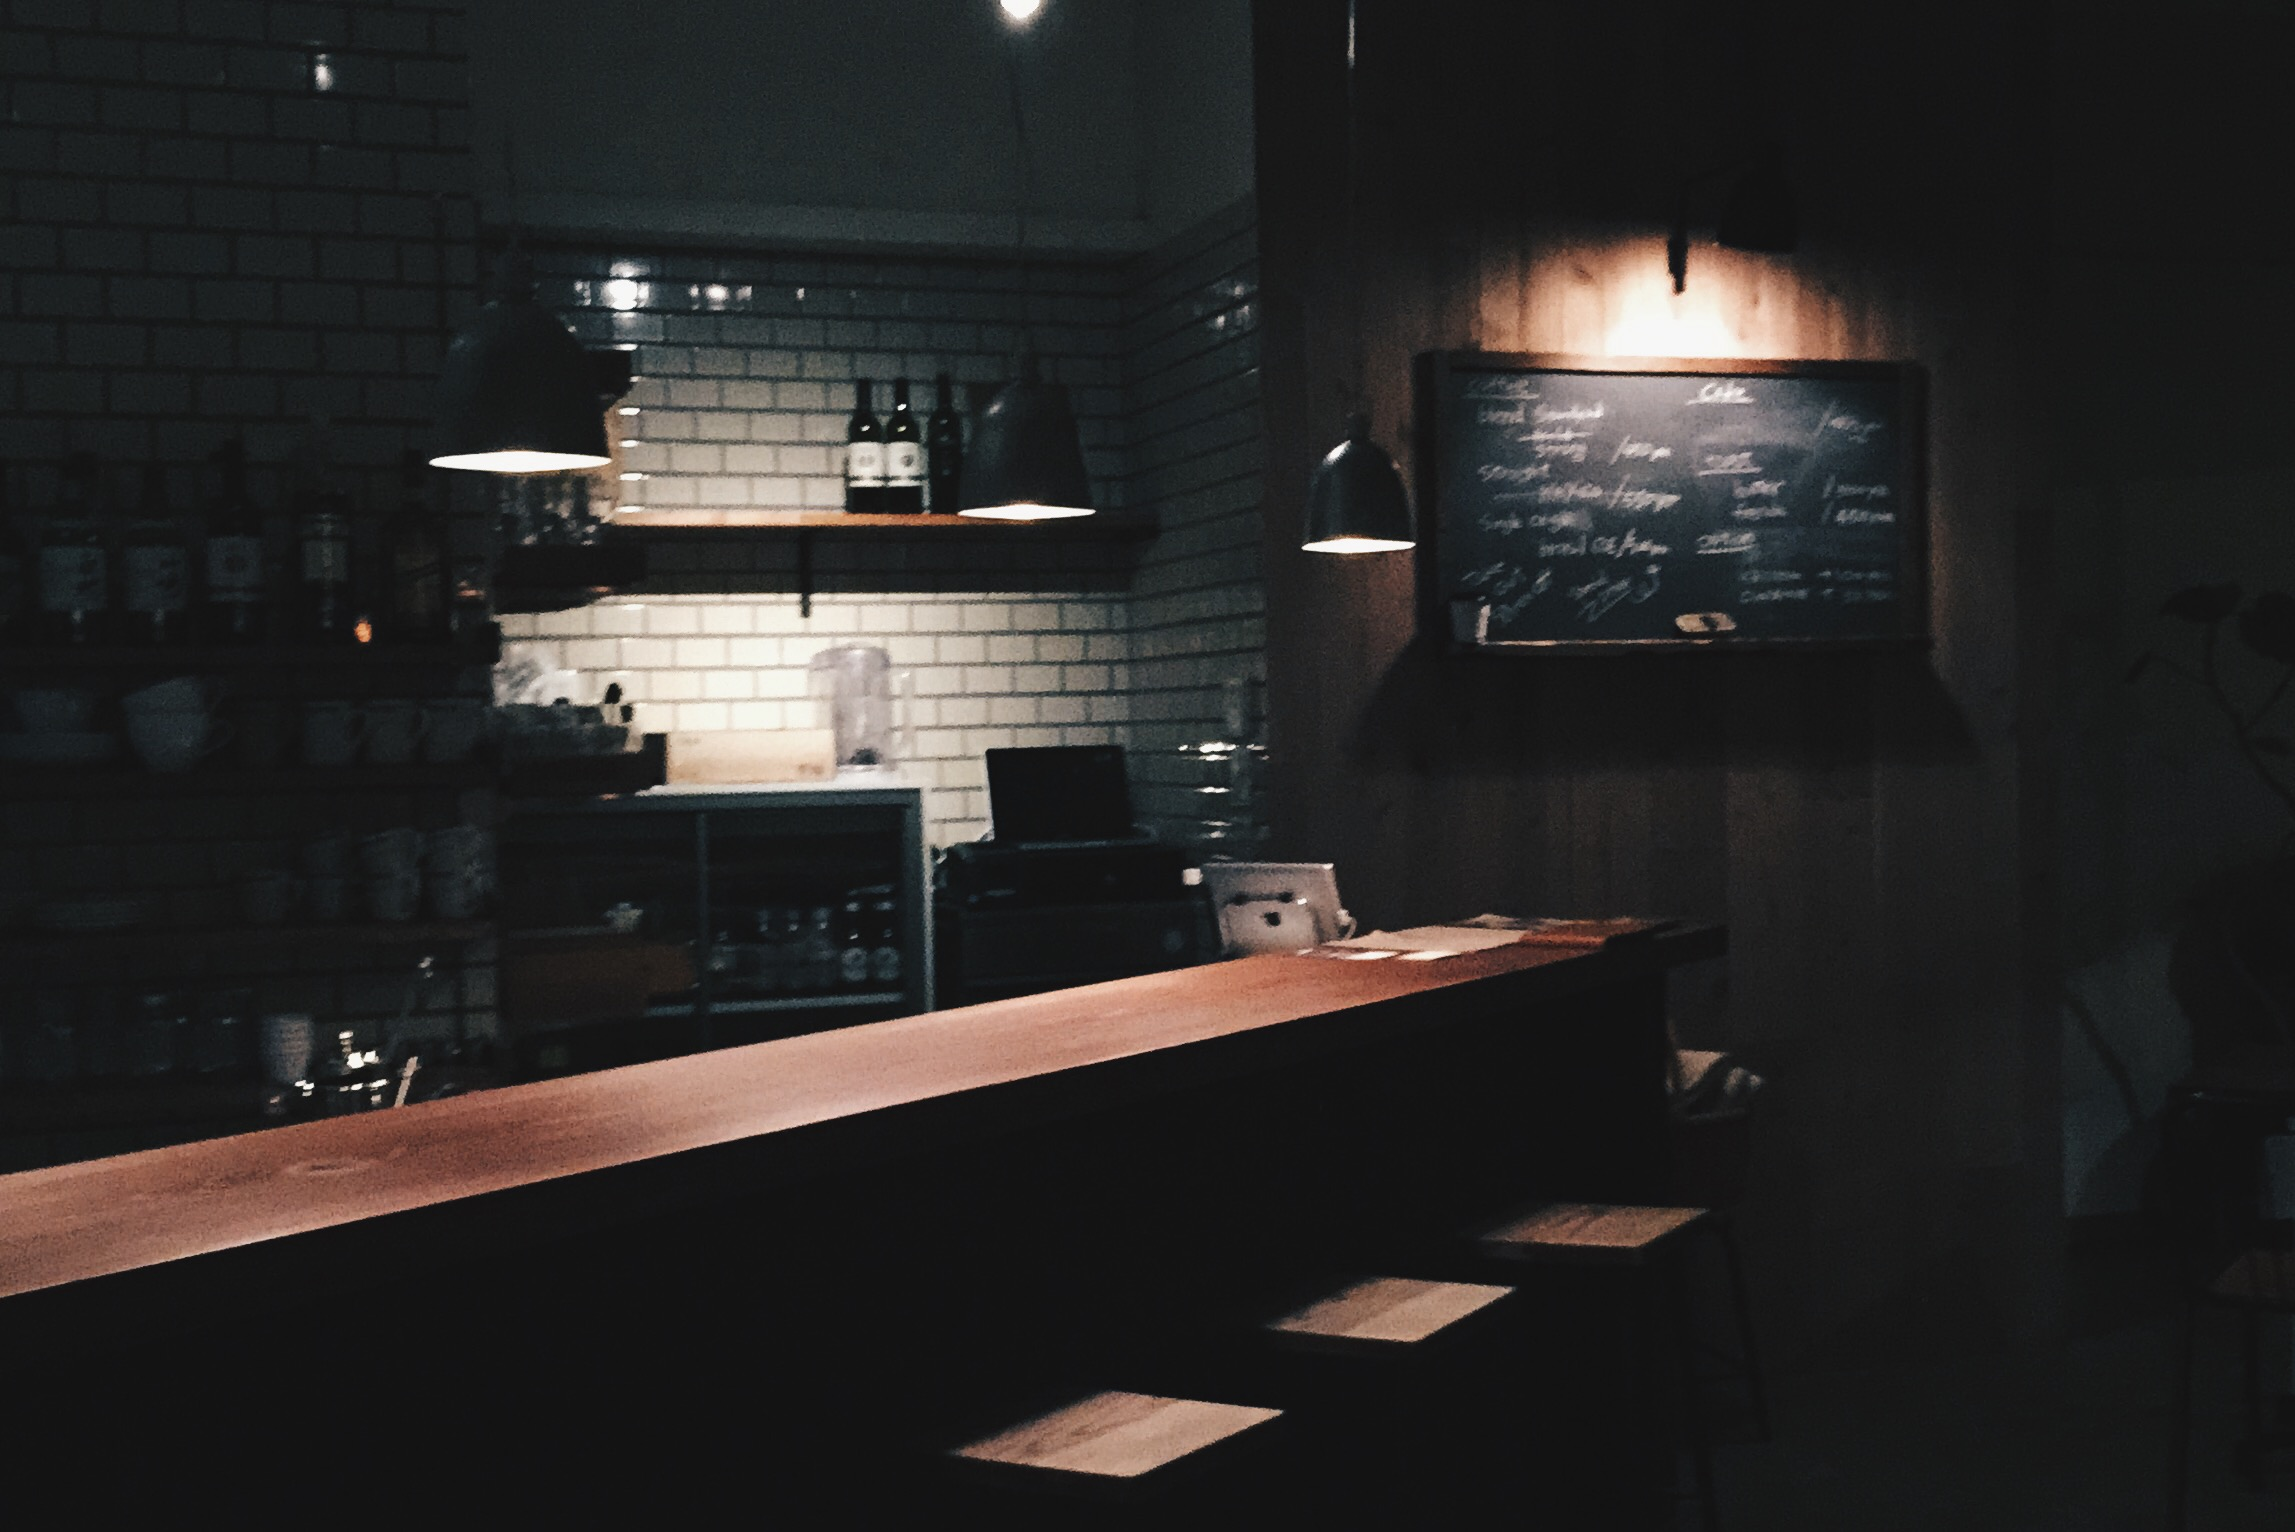 Whitebird coffee stand ホワイトバードコーヒースタンド 梅田